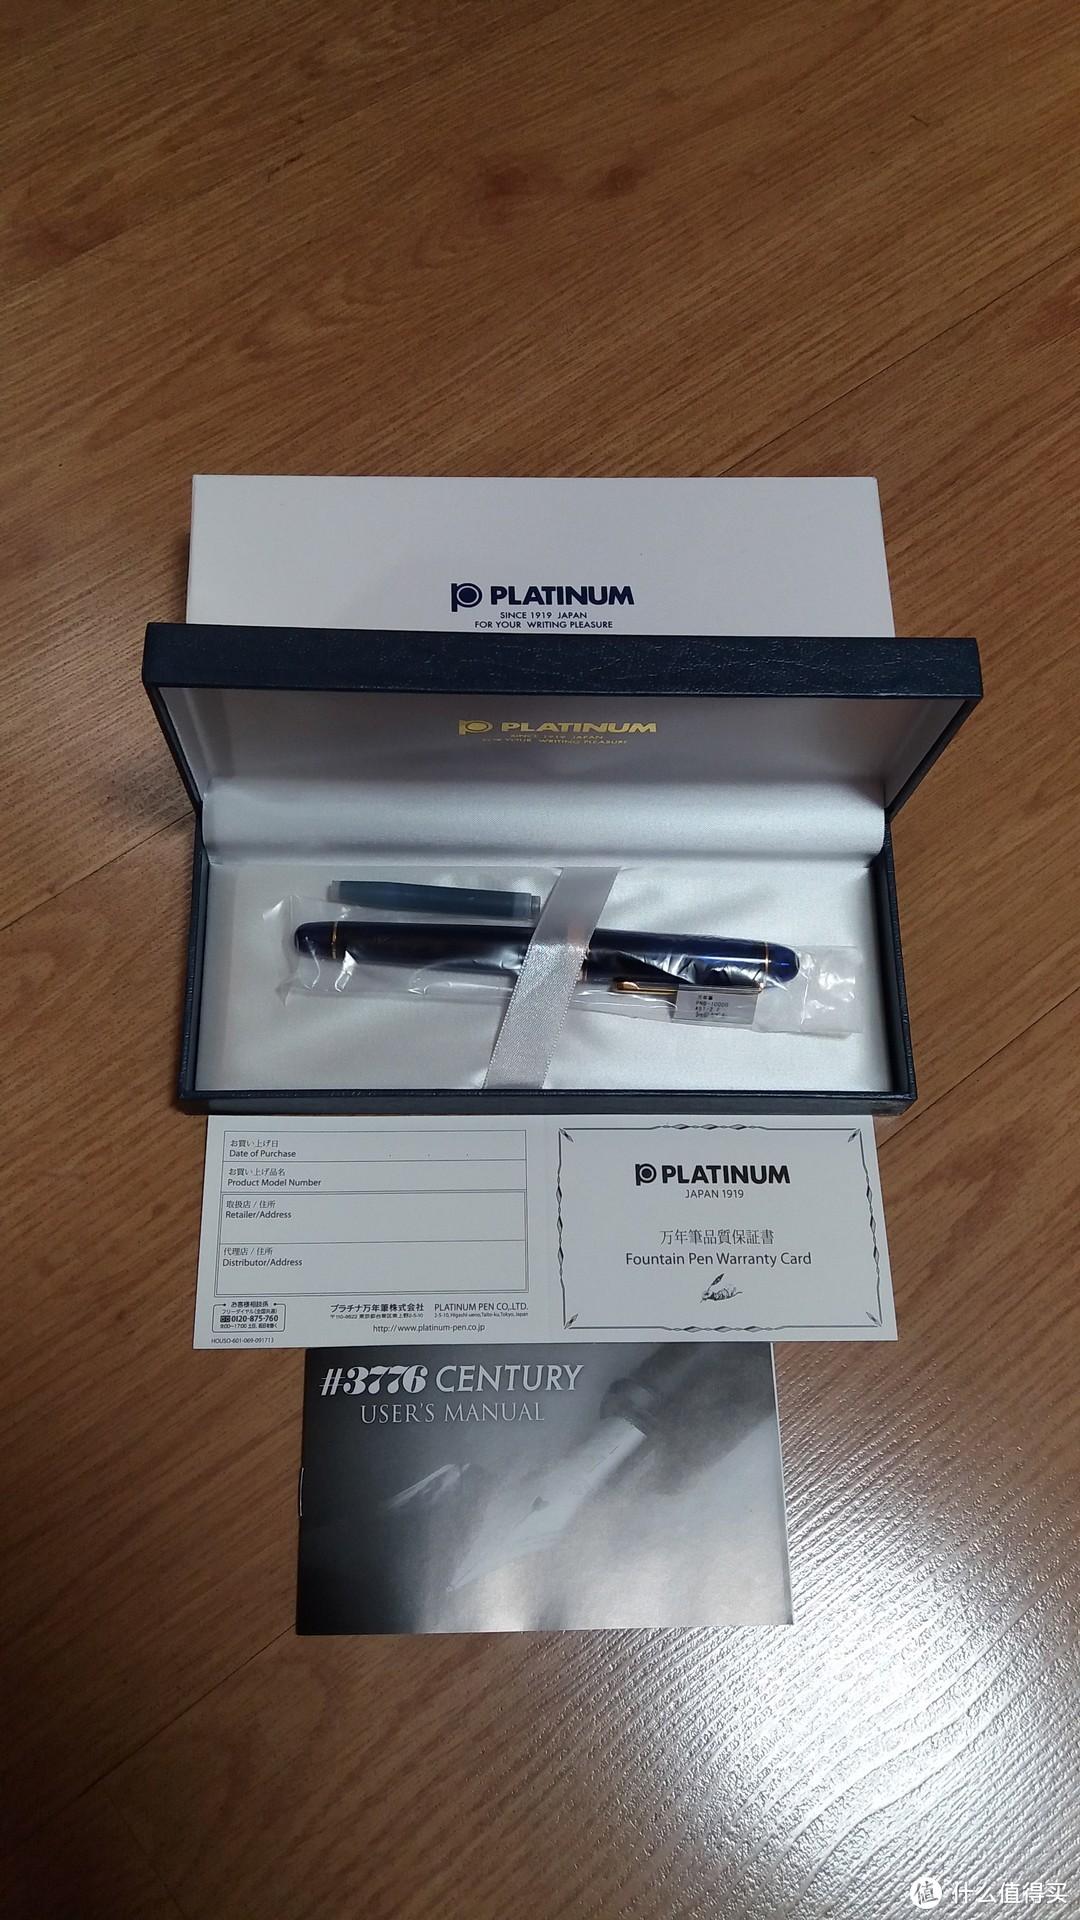 理想的万年笔:PLATINUM 白金 3776 PNB-10000 红蓝配 钢笔 开箱晒物